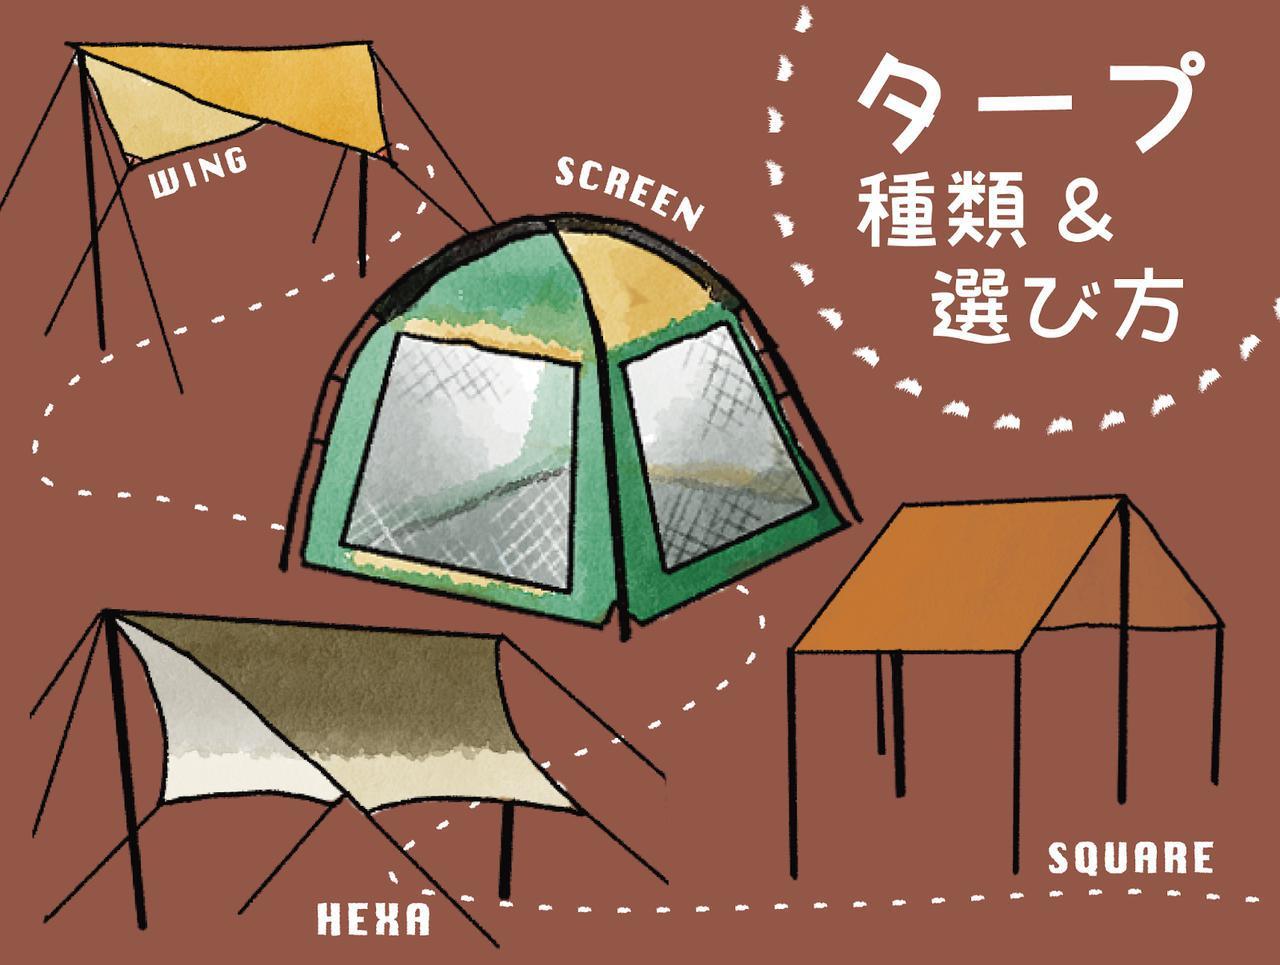 画像1: 【初心者必見】タープの種類を解説! おすすめのユニフレーム「REVOタープ」をレビュー - ハピキャン|キャンプ・アウトドア情報メディア